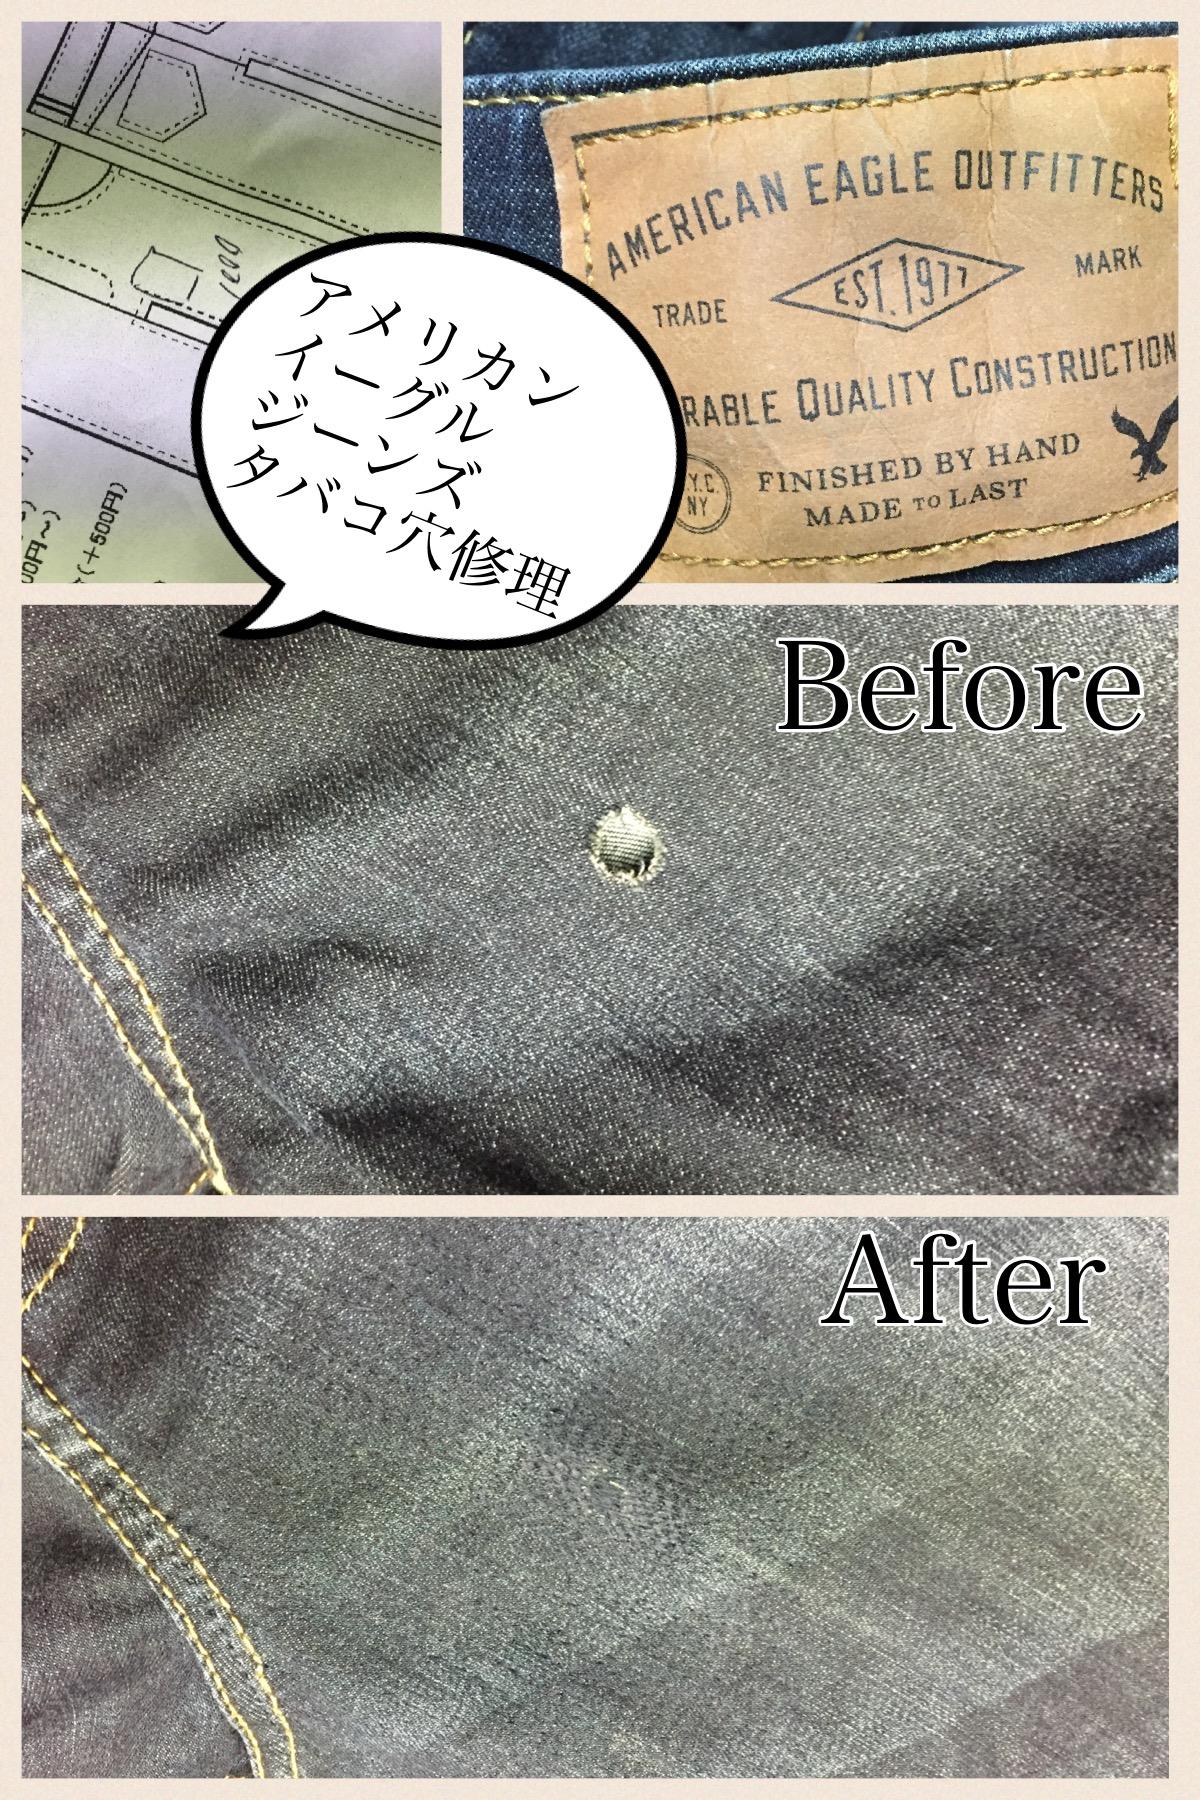 アメリカンイーグル(American Eagle Outfitters)修理